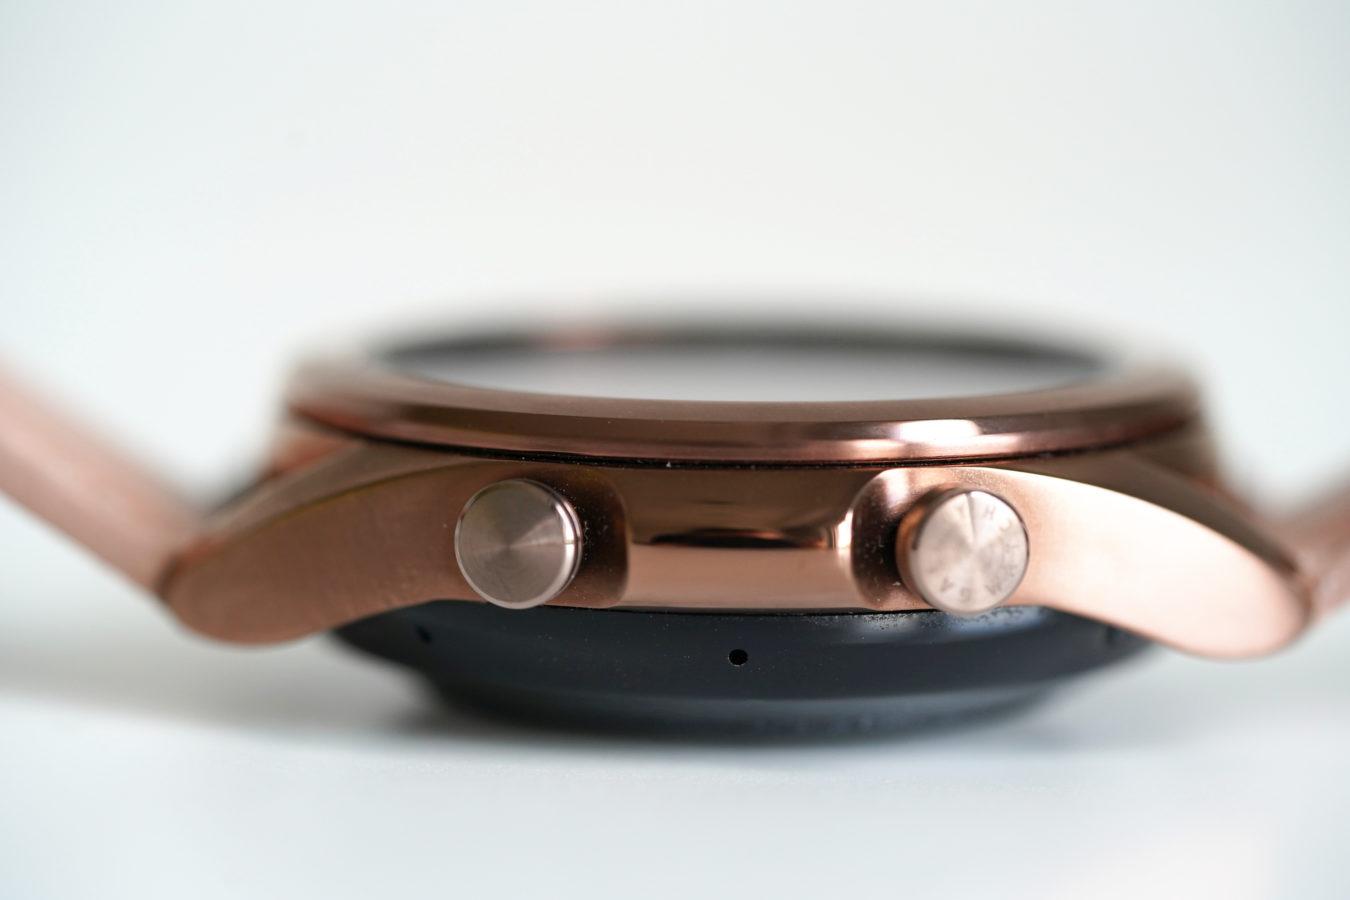 Chciałabym, żeby działał dłużej - taki jest fajny. Recenzja Samsung Galaxy Watch 3 29 samsung galaxy watch 3